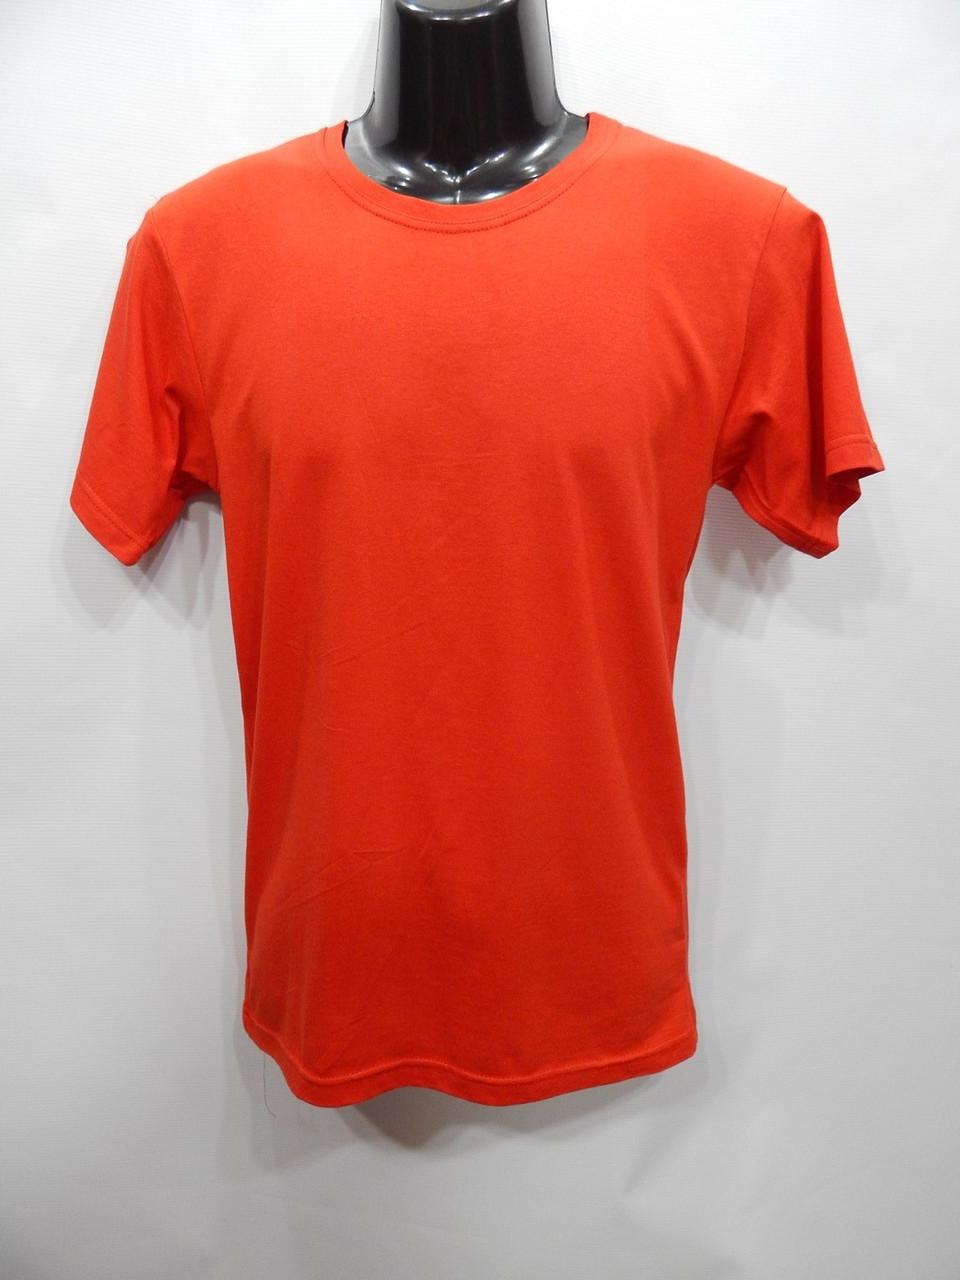 Мужская футболка Mercury-Textile красная р.52 050мф